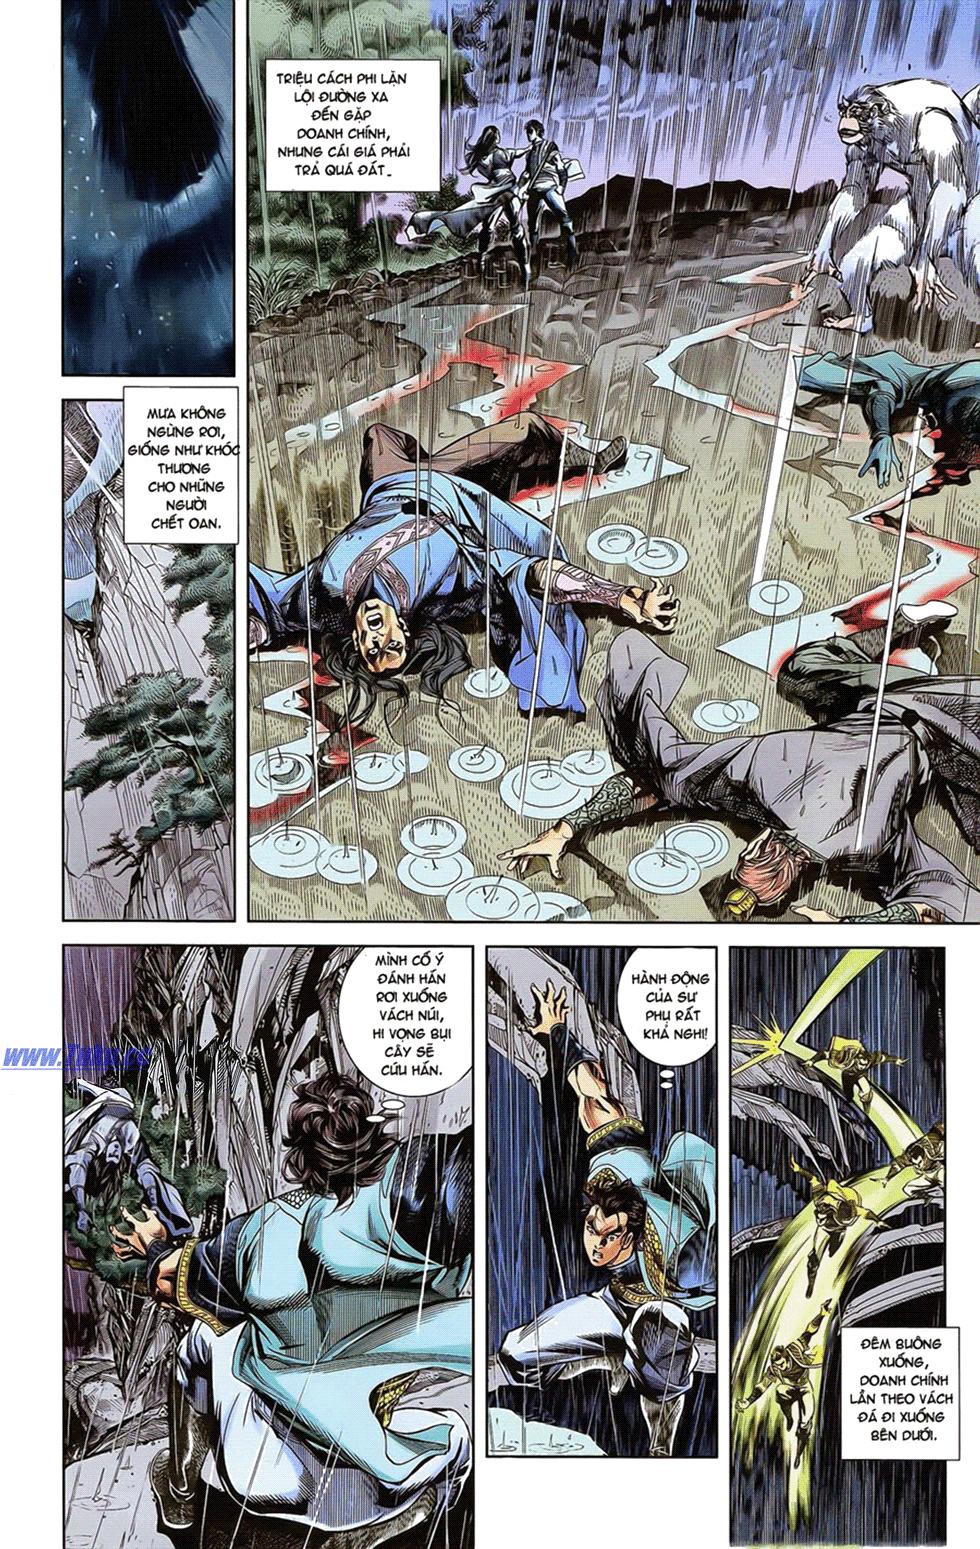 Tần Vương Doanh Chính chapter 18 trang 6